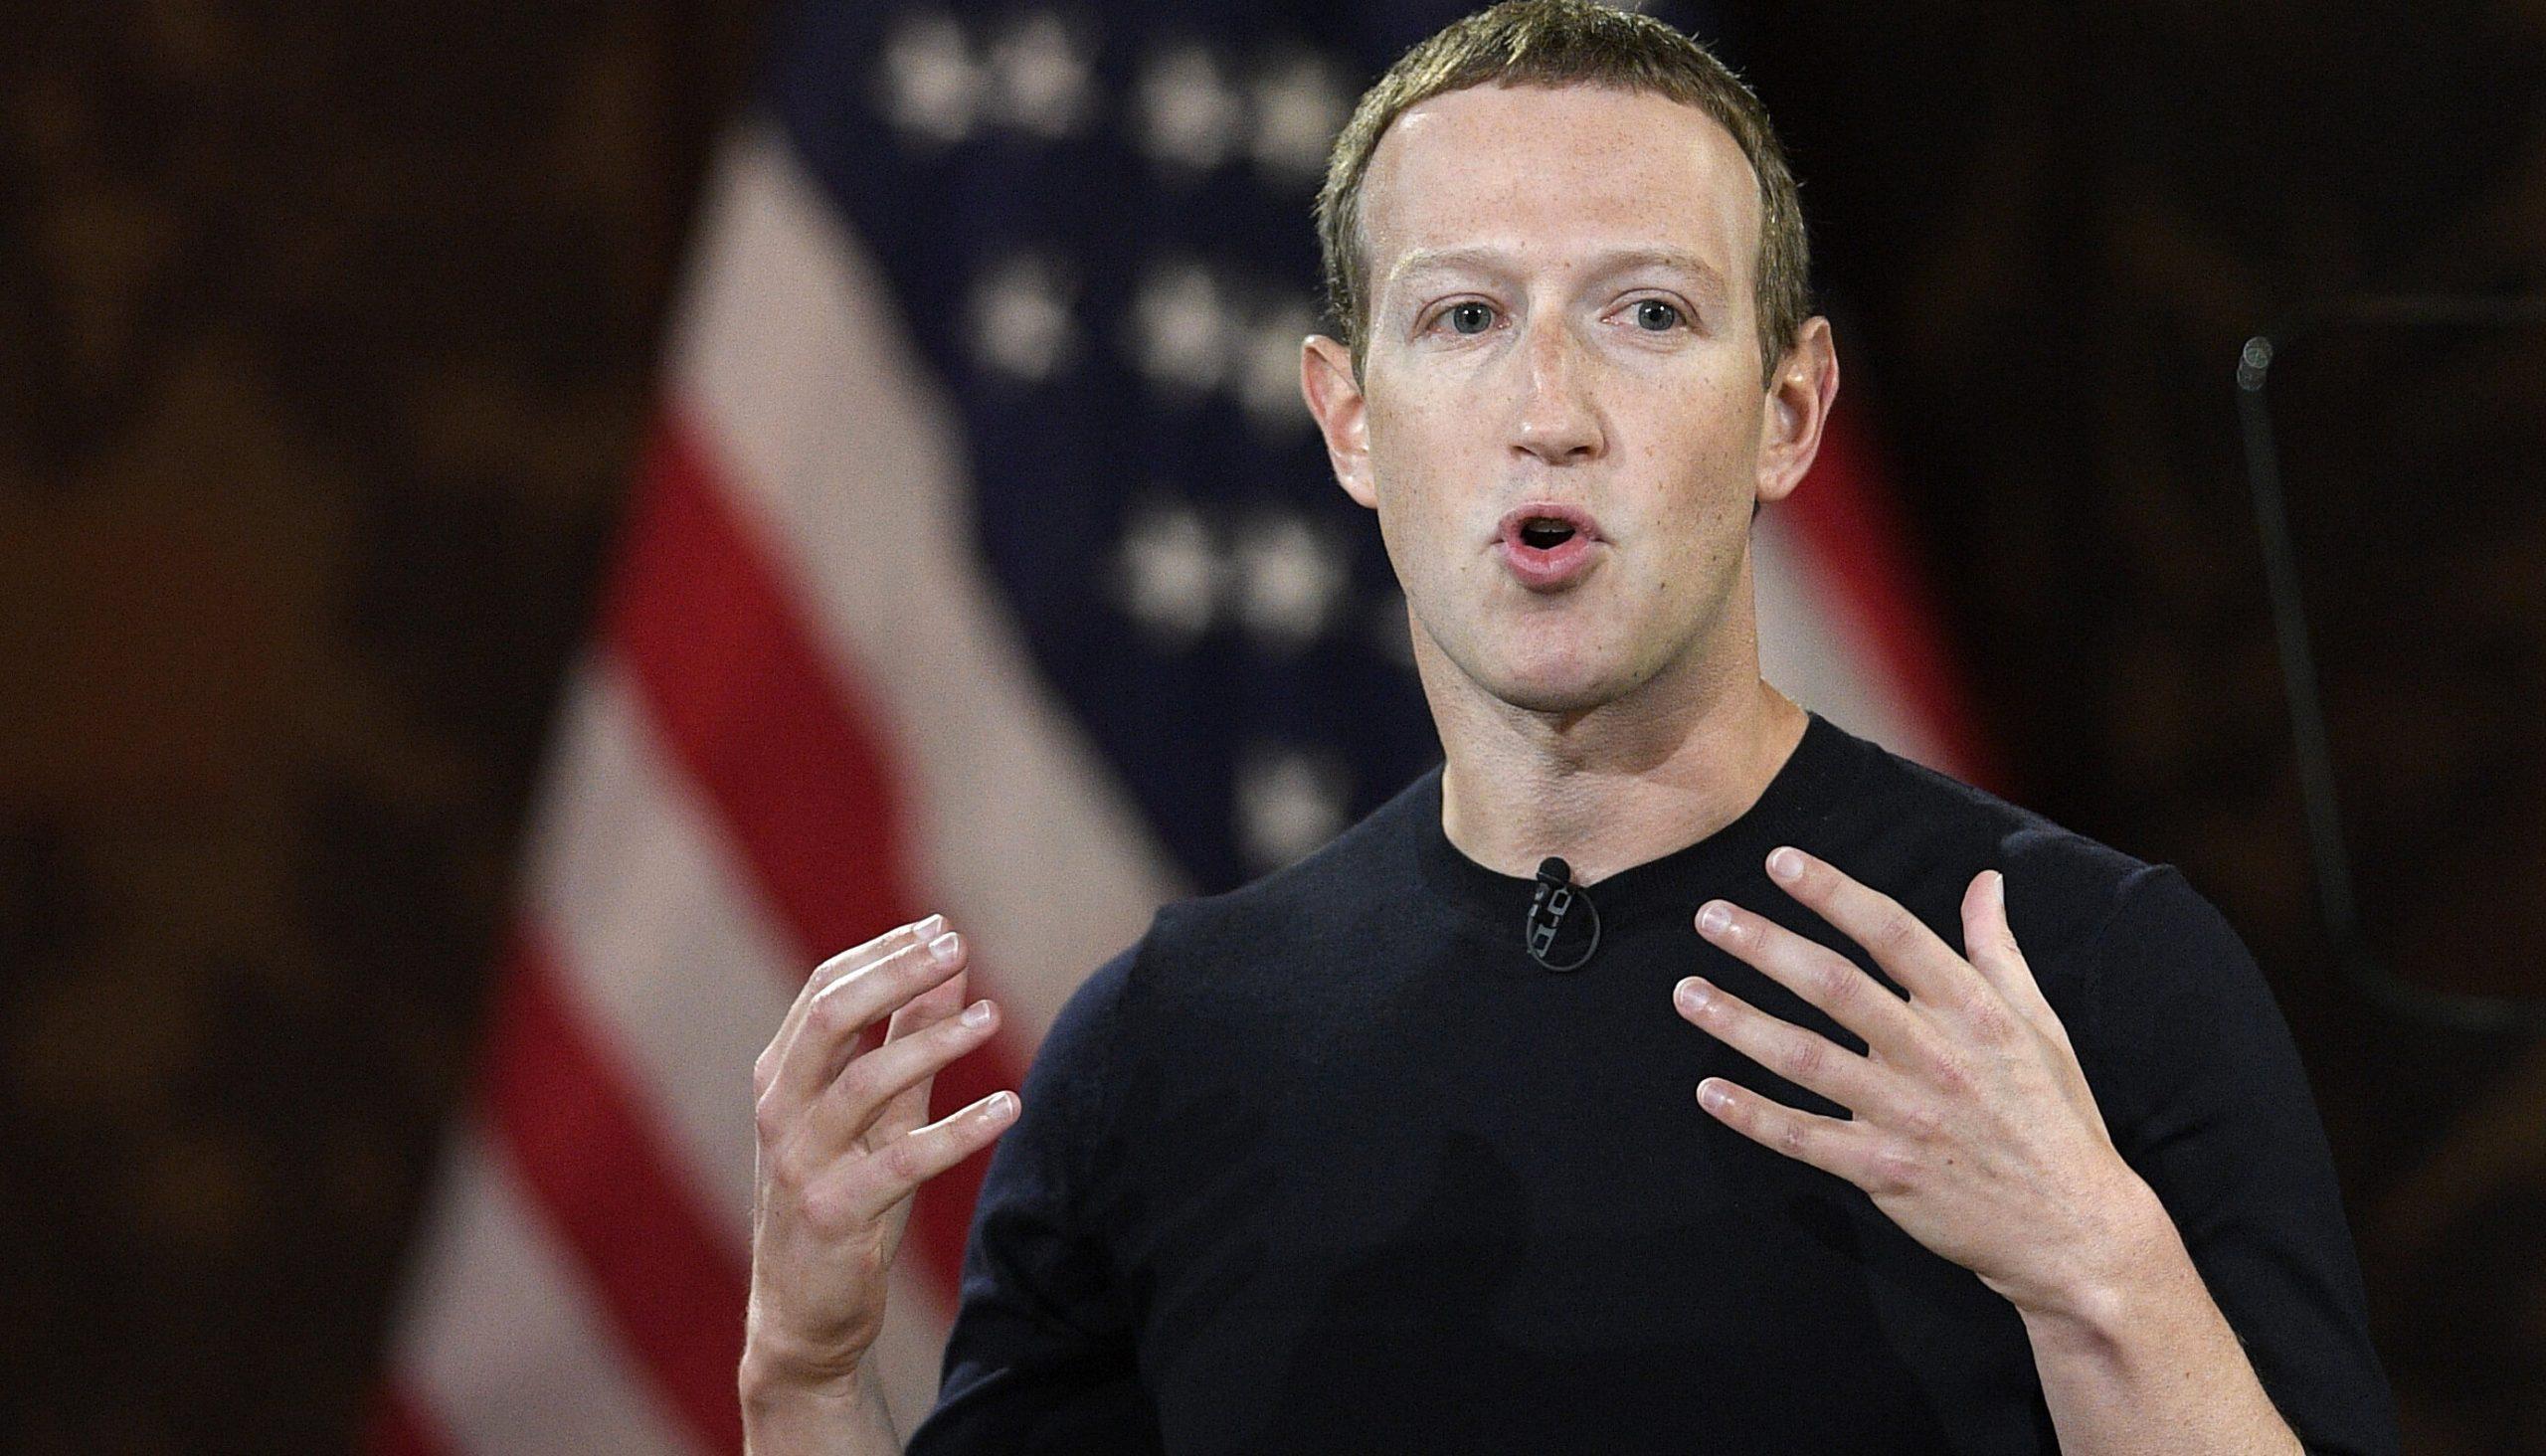 Mark Zuckerberg îi suspendă lui Trump contul de Facebook, pe termen nedeterminat